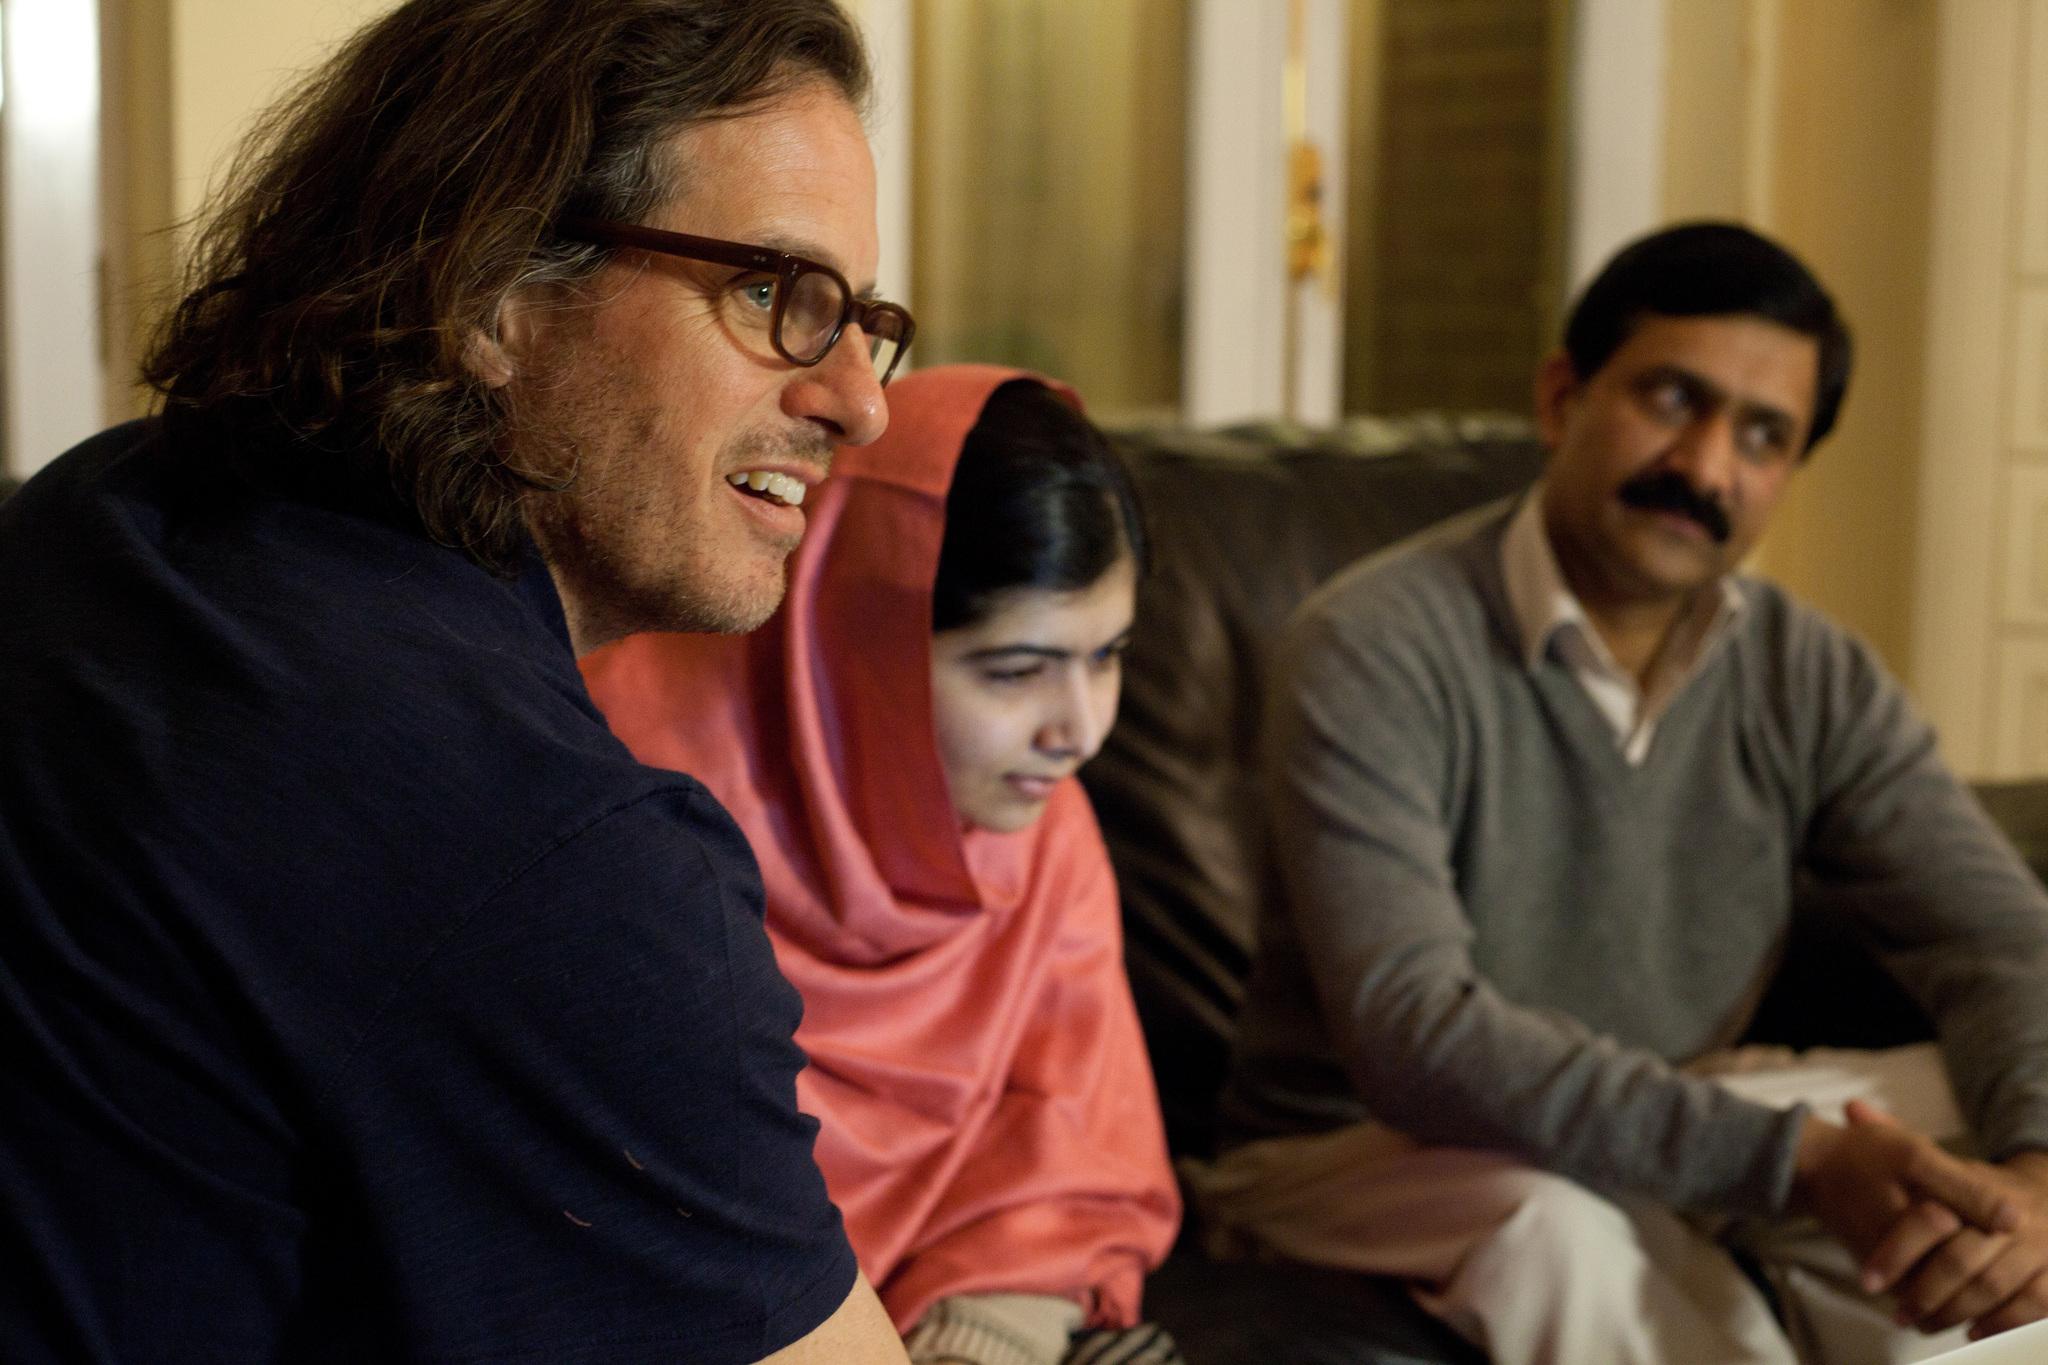 Davis Guggenheim, Malala Yousafzai, and Ziauddin Yousafzai in He Named Me Malala (2015)